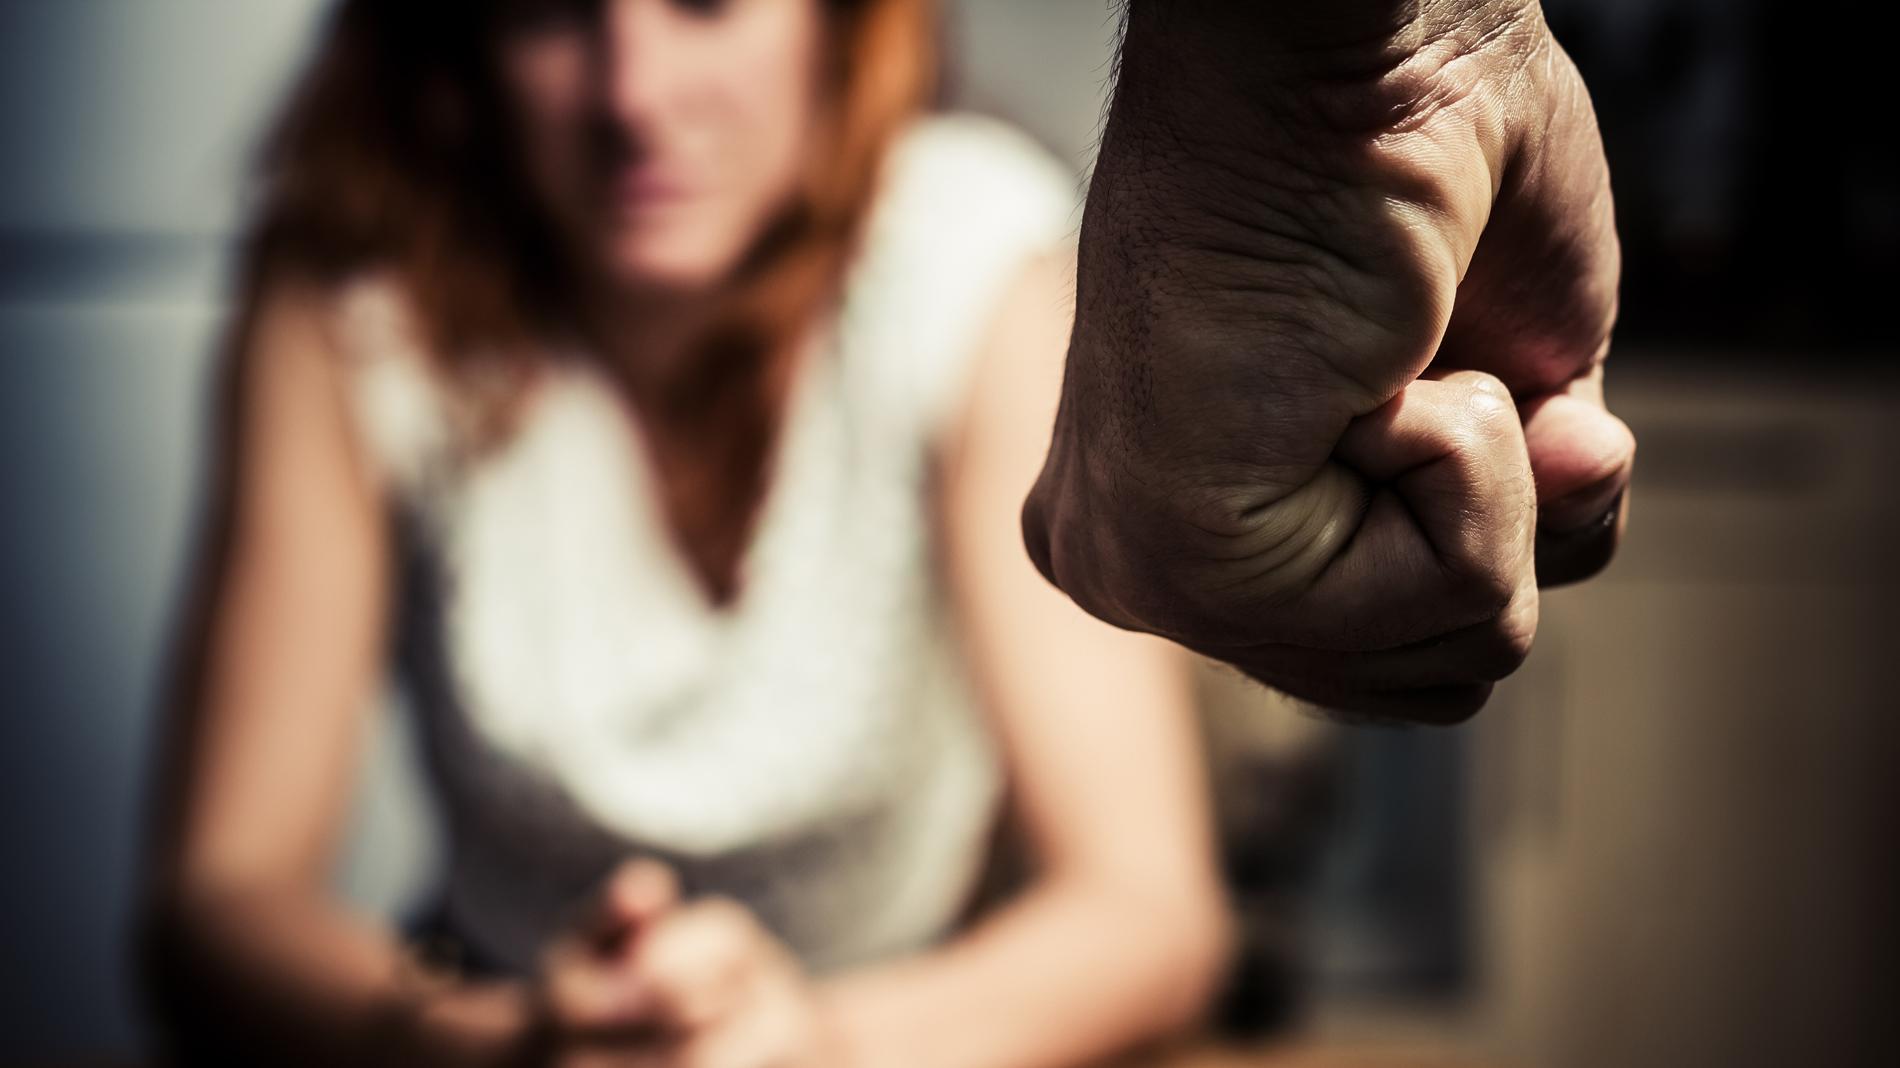 Ir al VideoSolo una de las doce mujeres asesinadas por violencia de género había denunciado